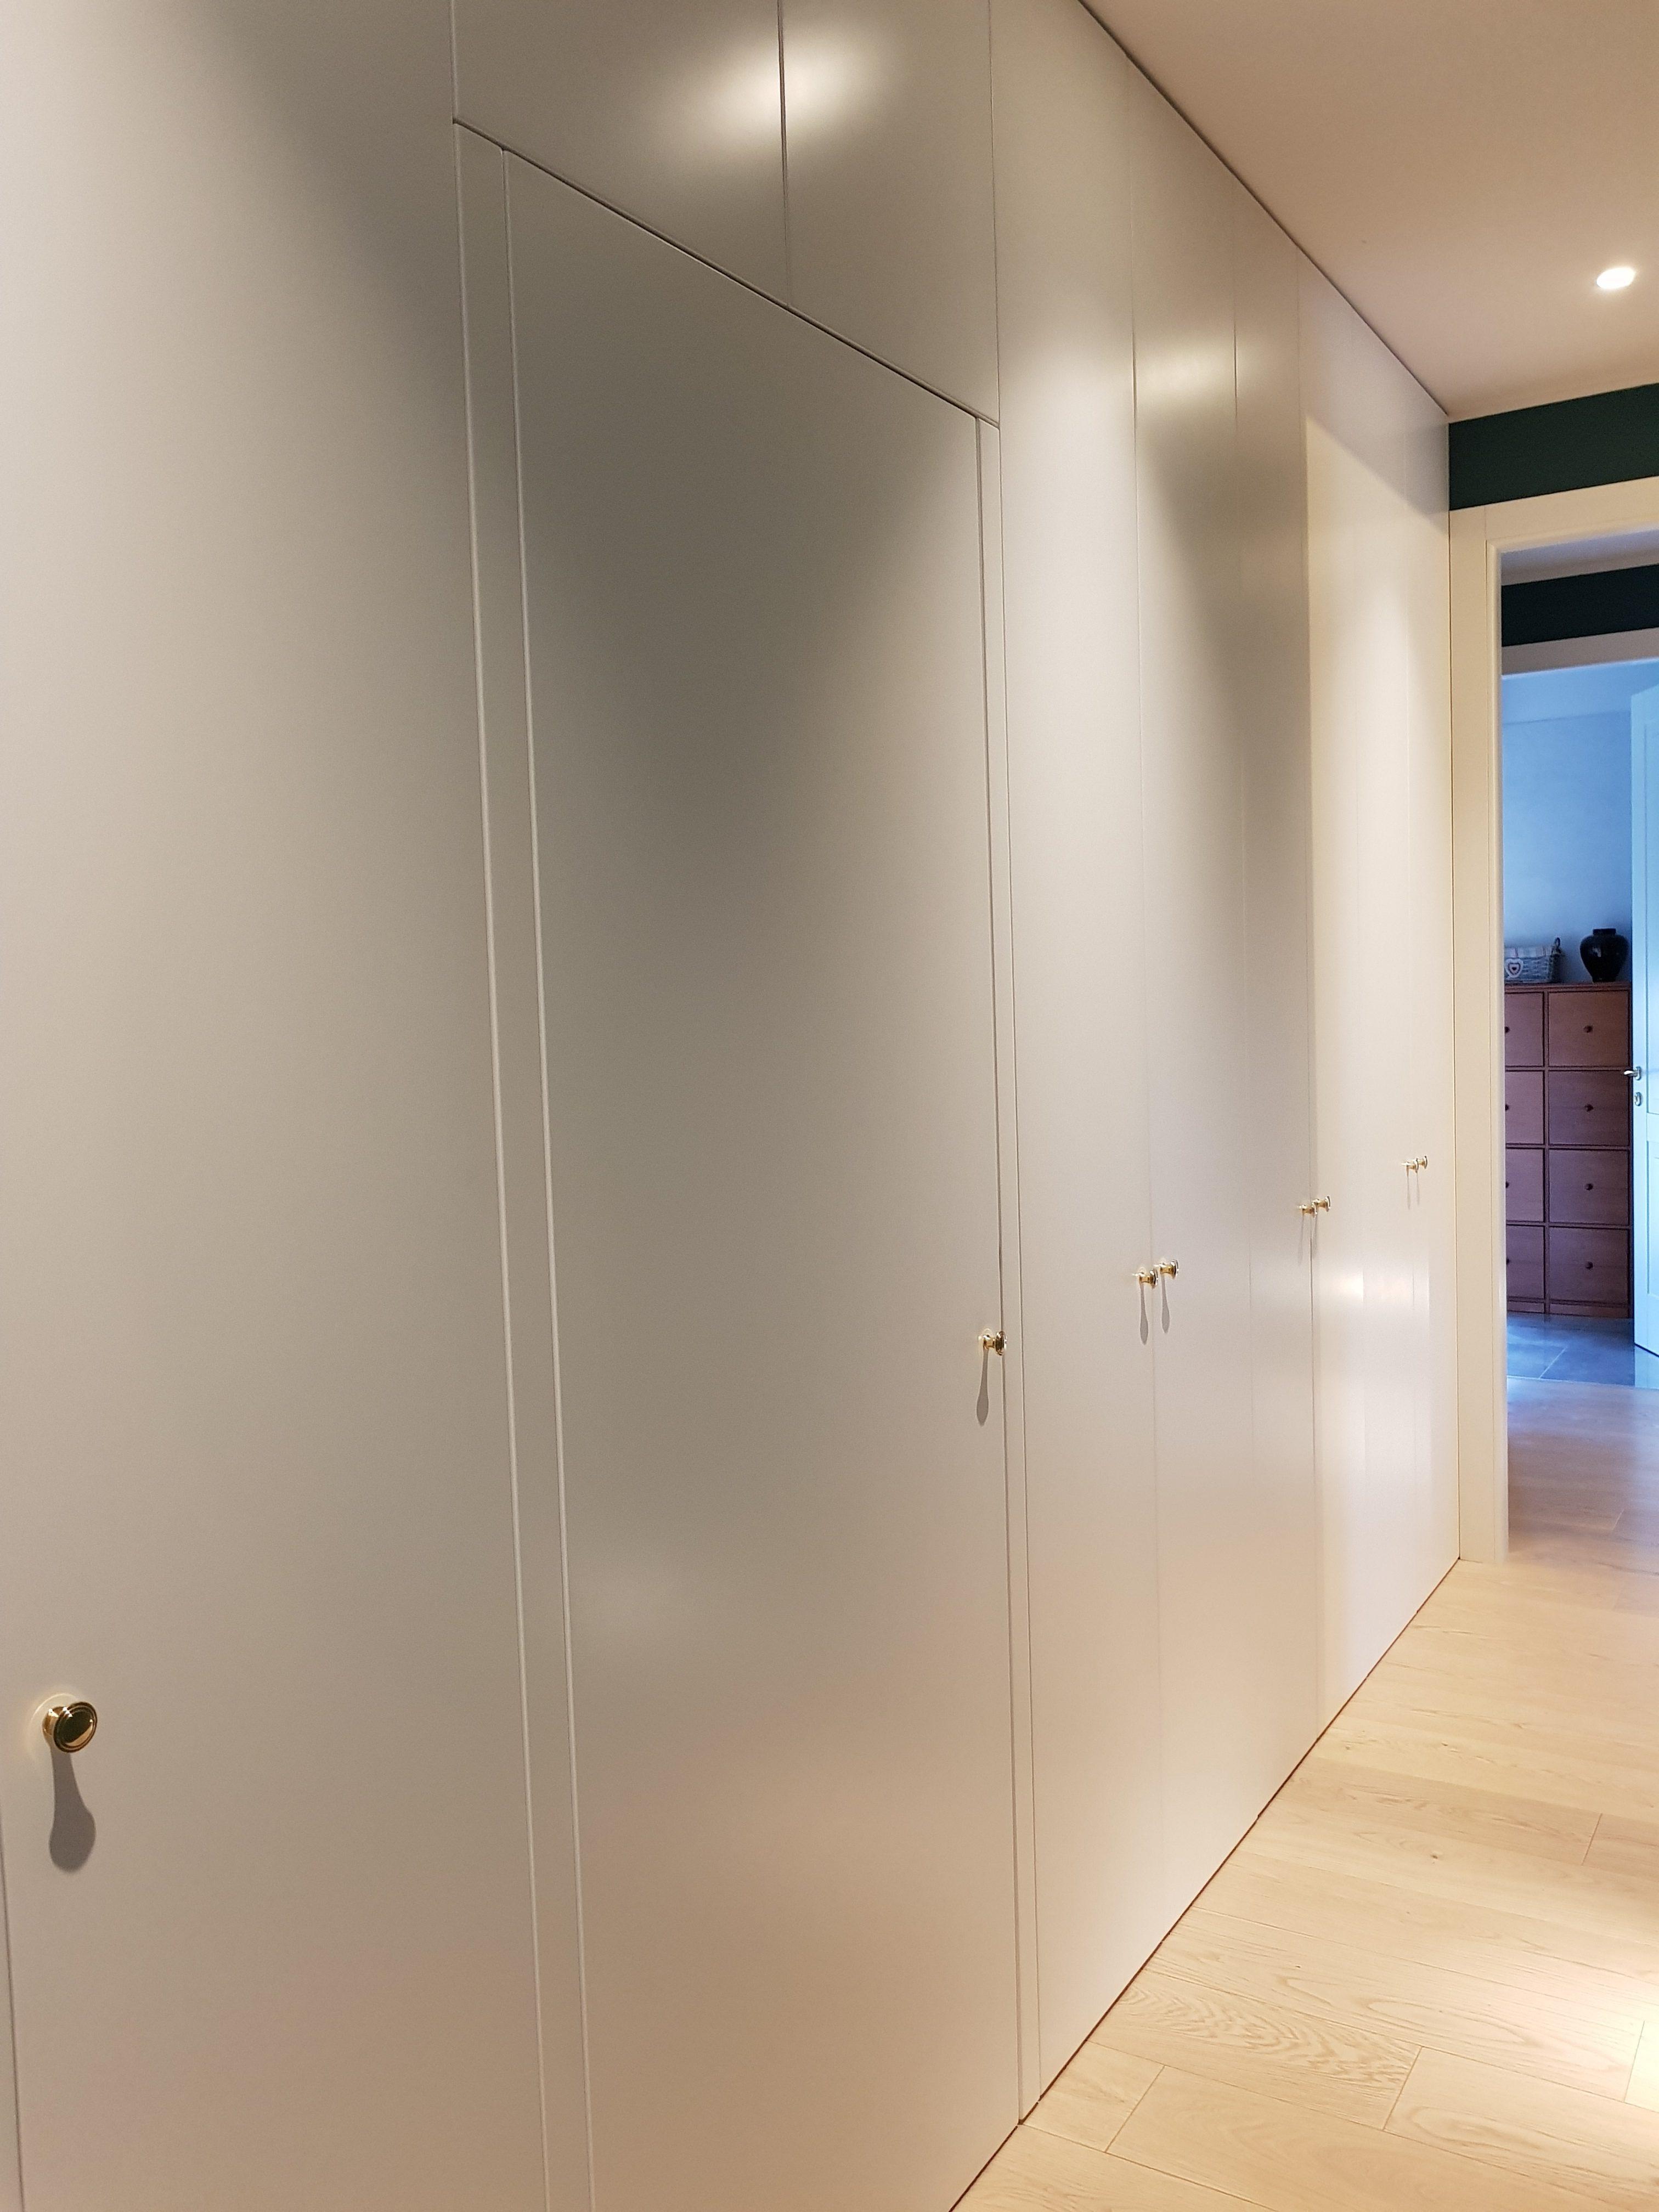 Armadio a muro su misura - Artenova cucine in legno